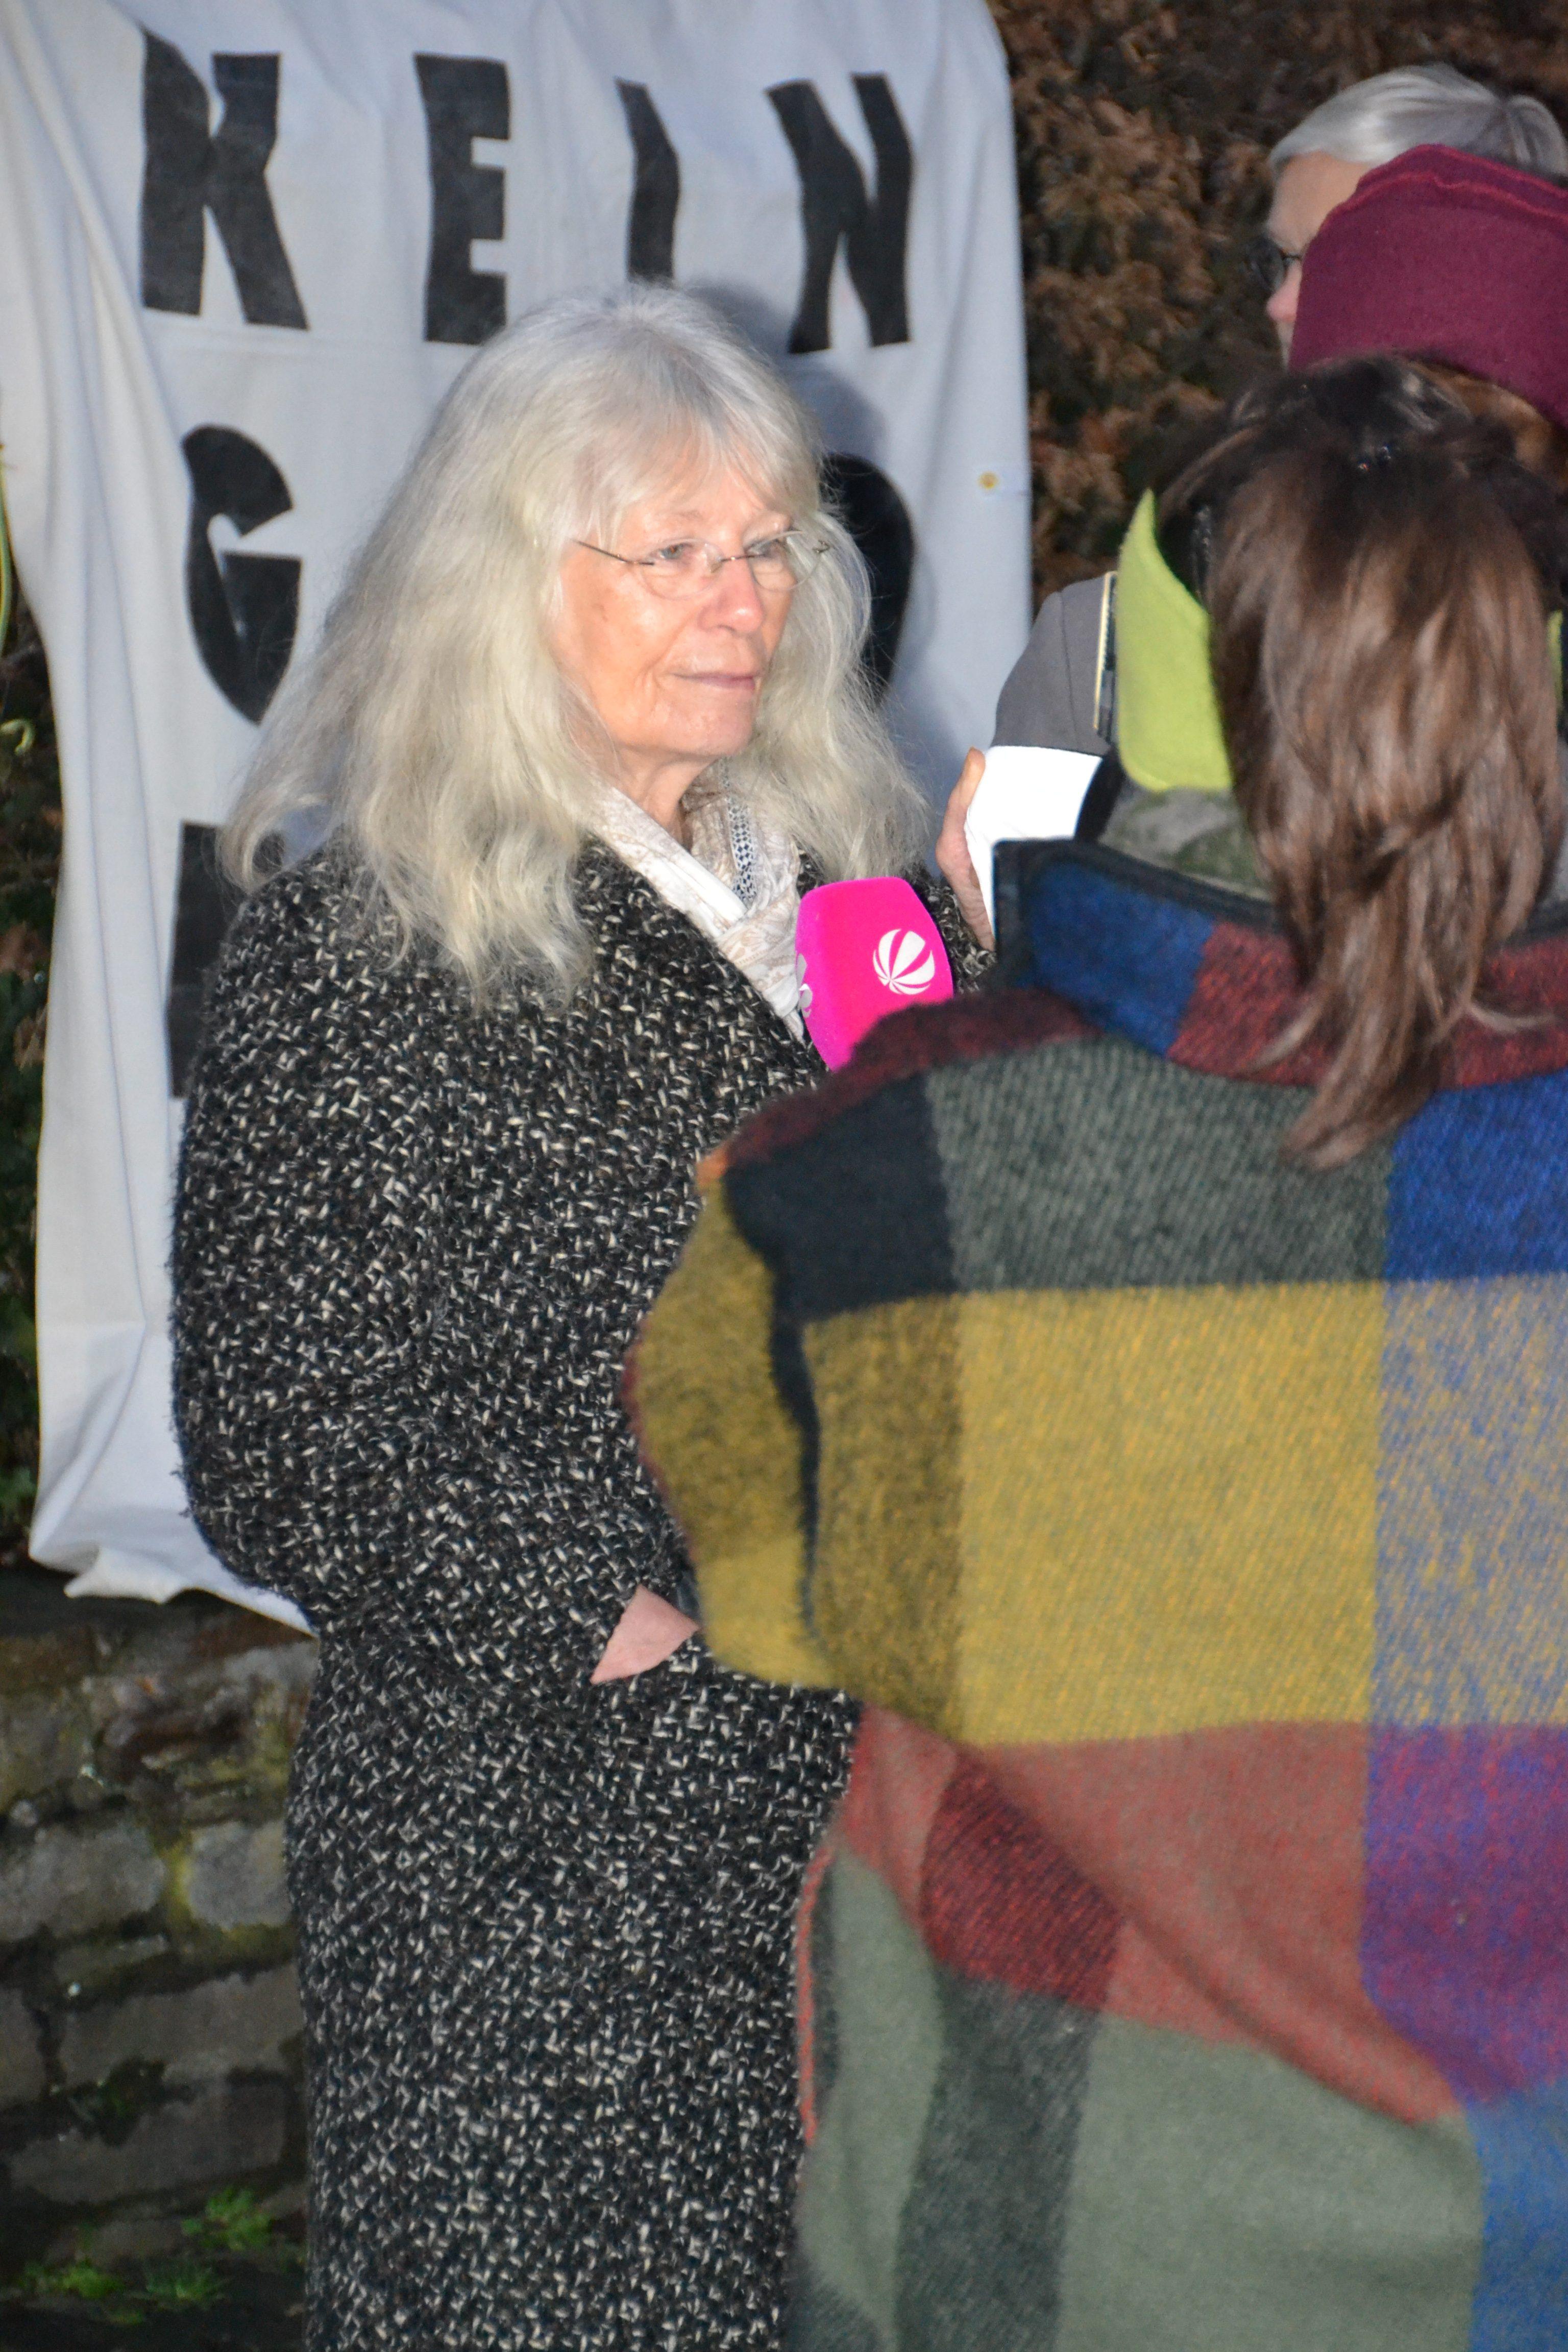 Eine hübsche ältere Dame in dunklem Wintermantel mit dicken, langen silbergrauen Haaren wird interviewt. Foto: Stefanie Intveen